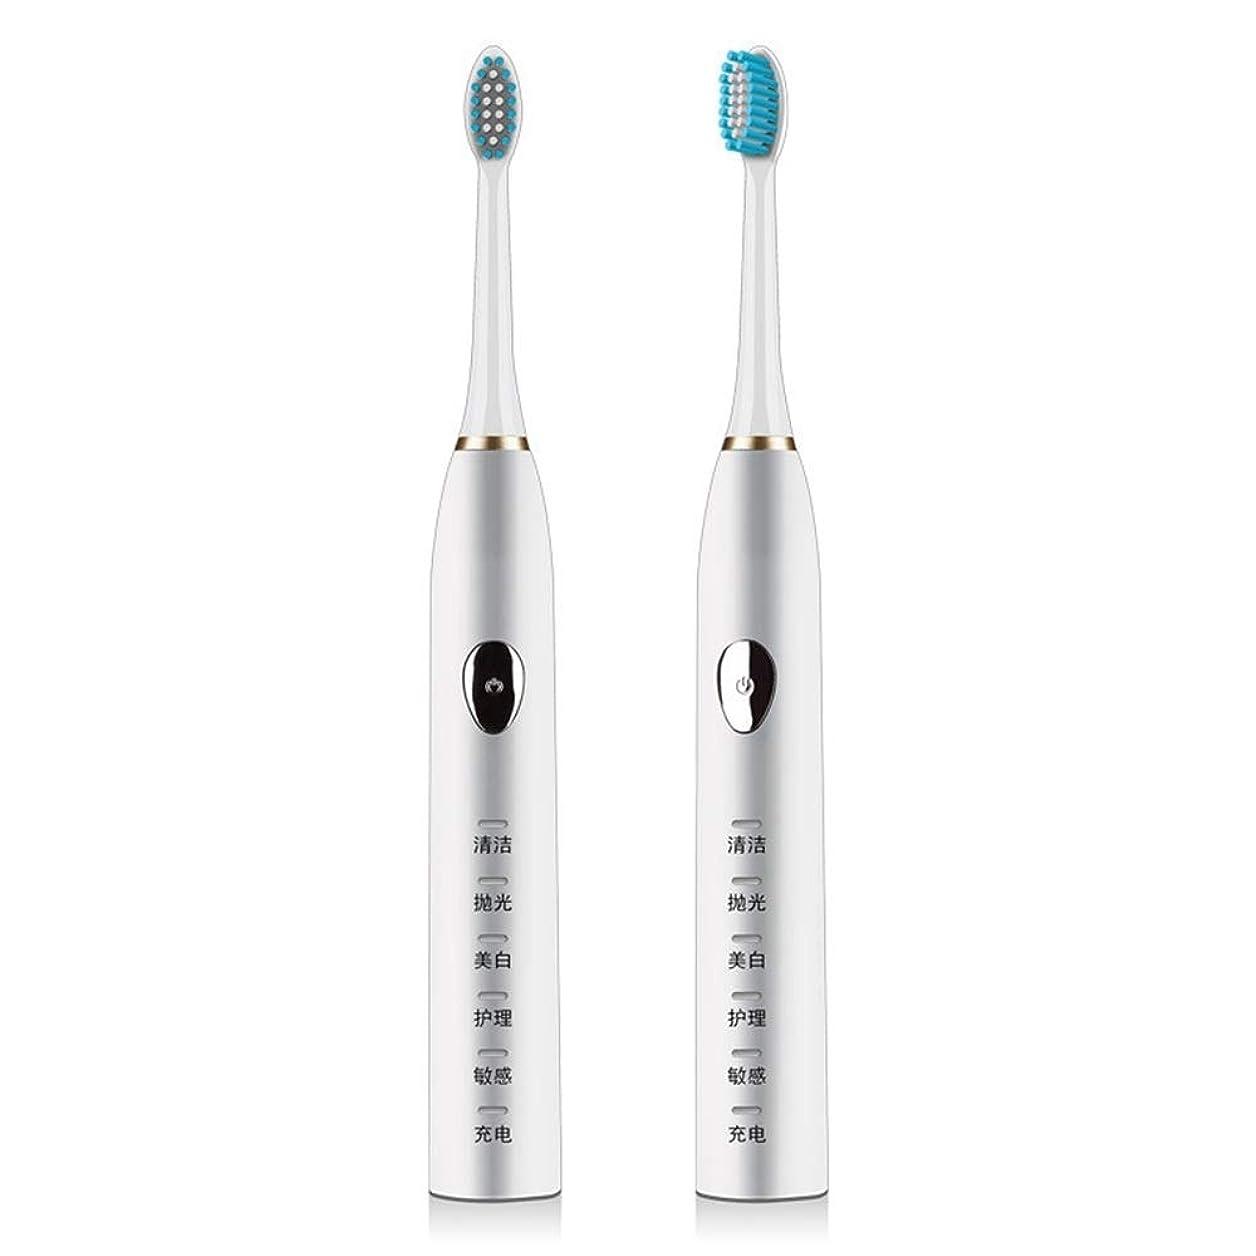 LKJASDHL 電動歯ブラシ磁気サスペンション5速超音波歯ブラシ柔らかい髪誘導充電防水大人 (色 : White)